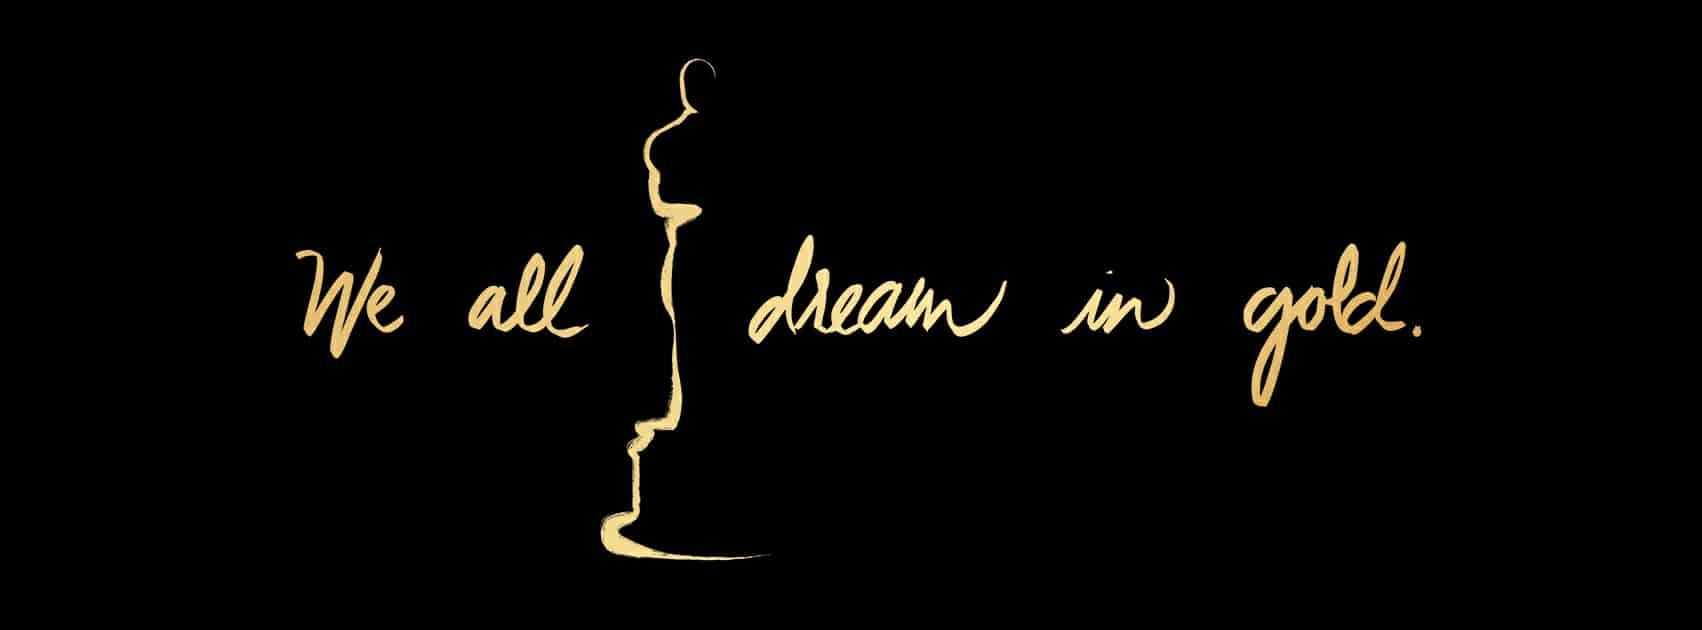 La Academia del Óscar pospone la categoría Mejor Película Popular hasta nuevo aviso